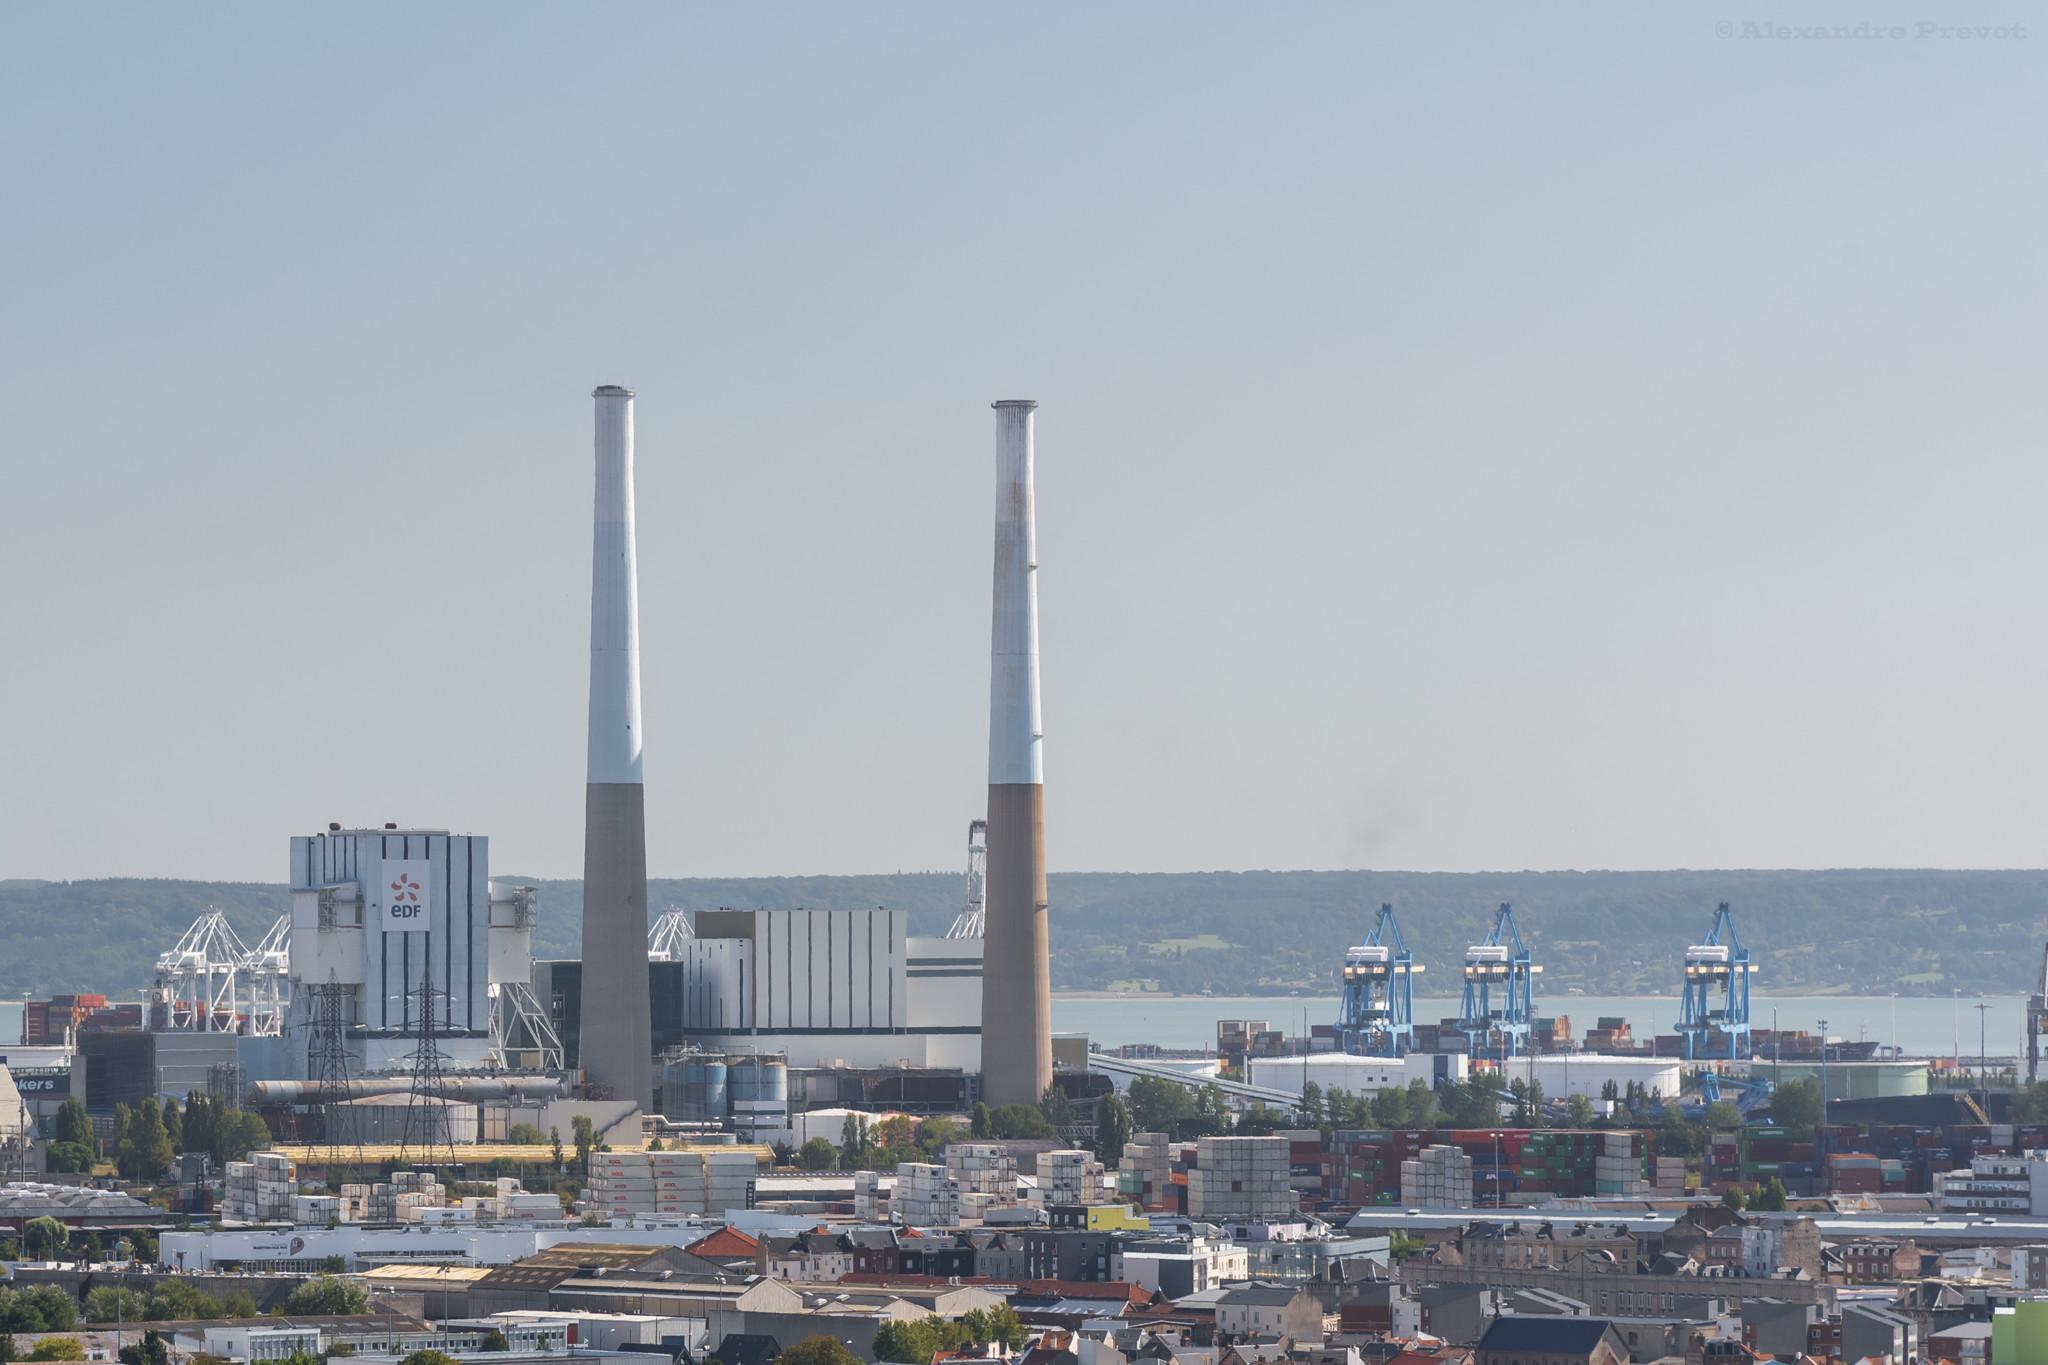 le havre centrale charbon deconnectee reseau electrique - L'Energeek